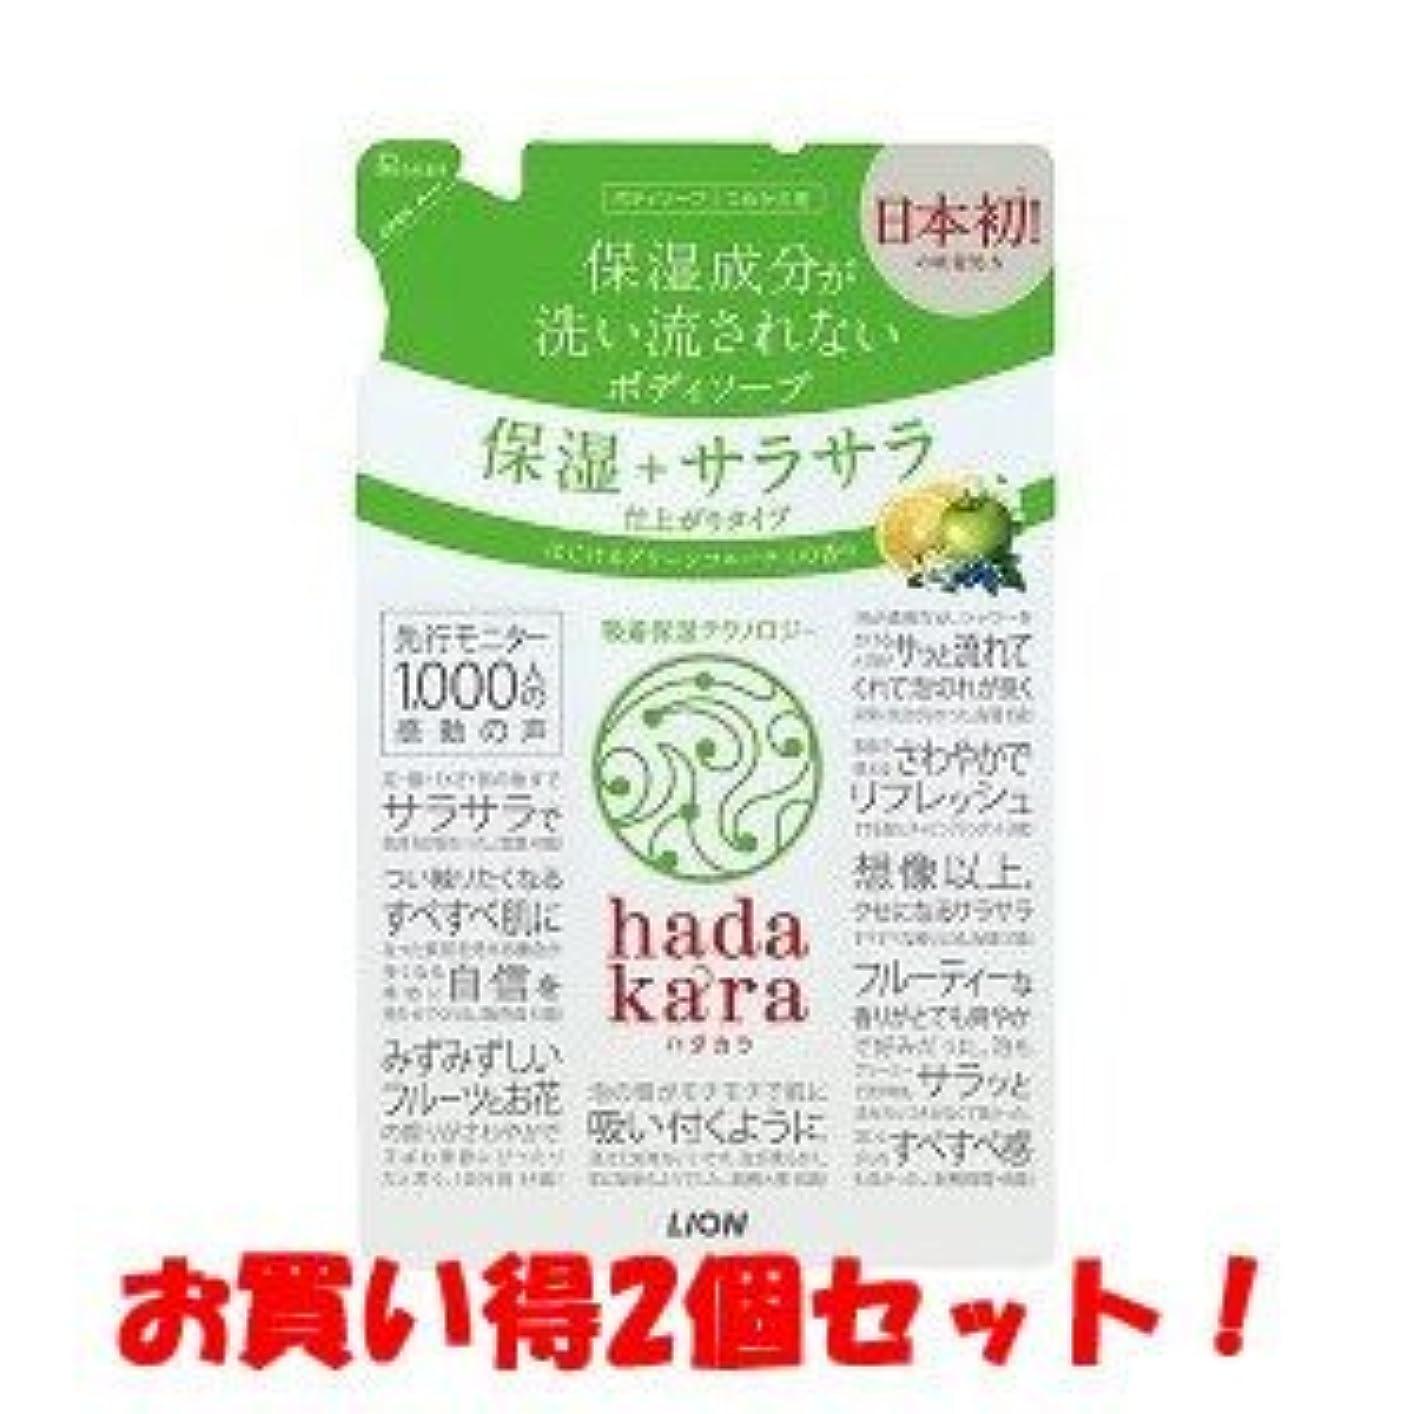 類推微生物経由で(2017年新商品)(ライオン)hadakara(ハダカラ) ボディソープ 保湿+サラサラ仕上がりタイプ グリーンフルーティの香り つめかえ用 340ml(お買い得2個セット)